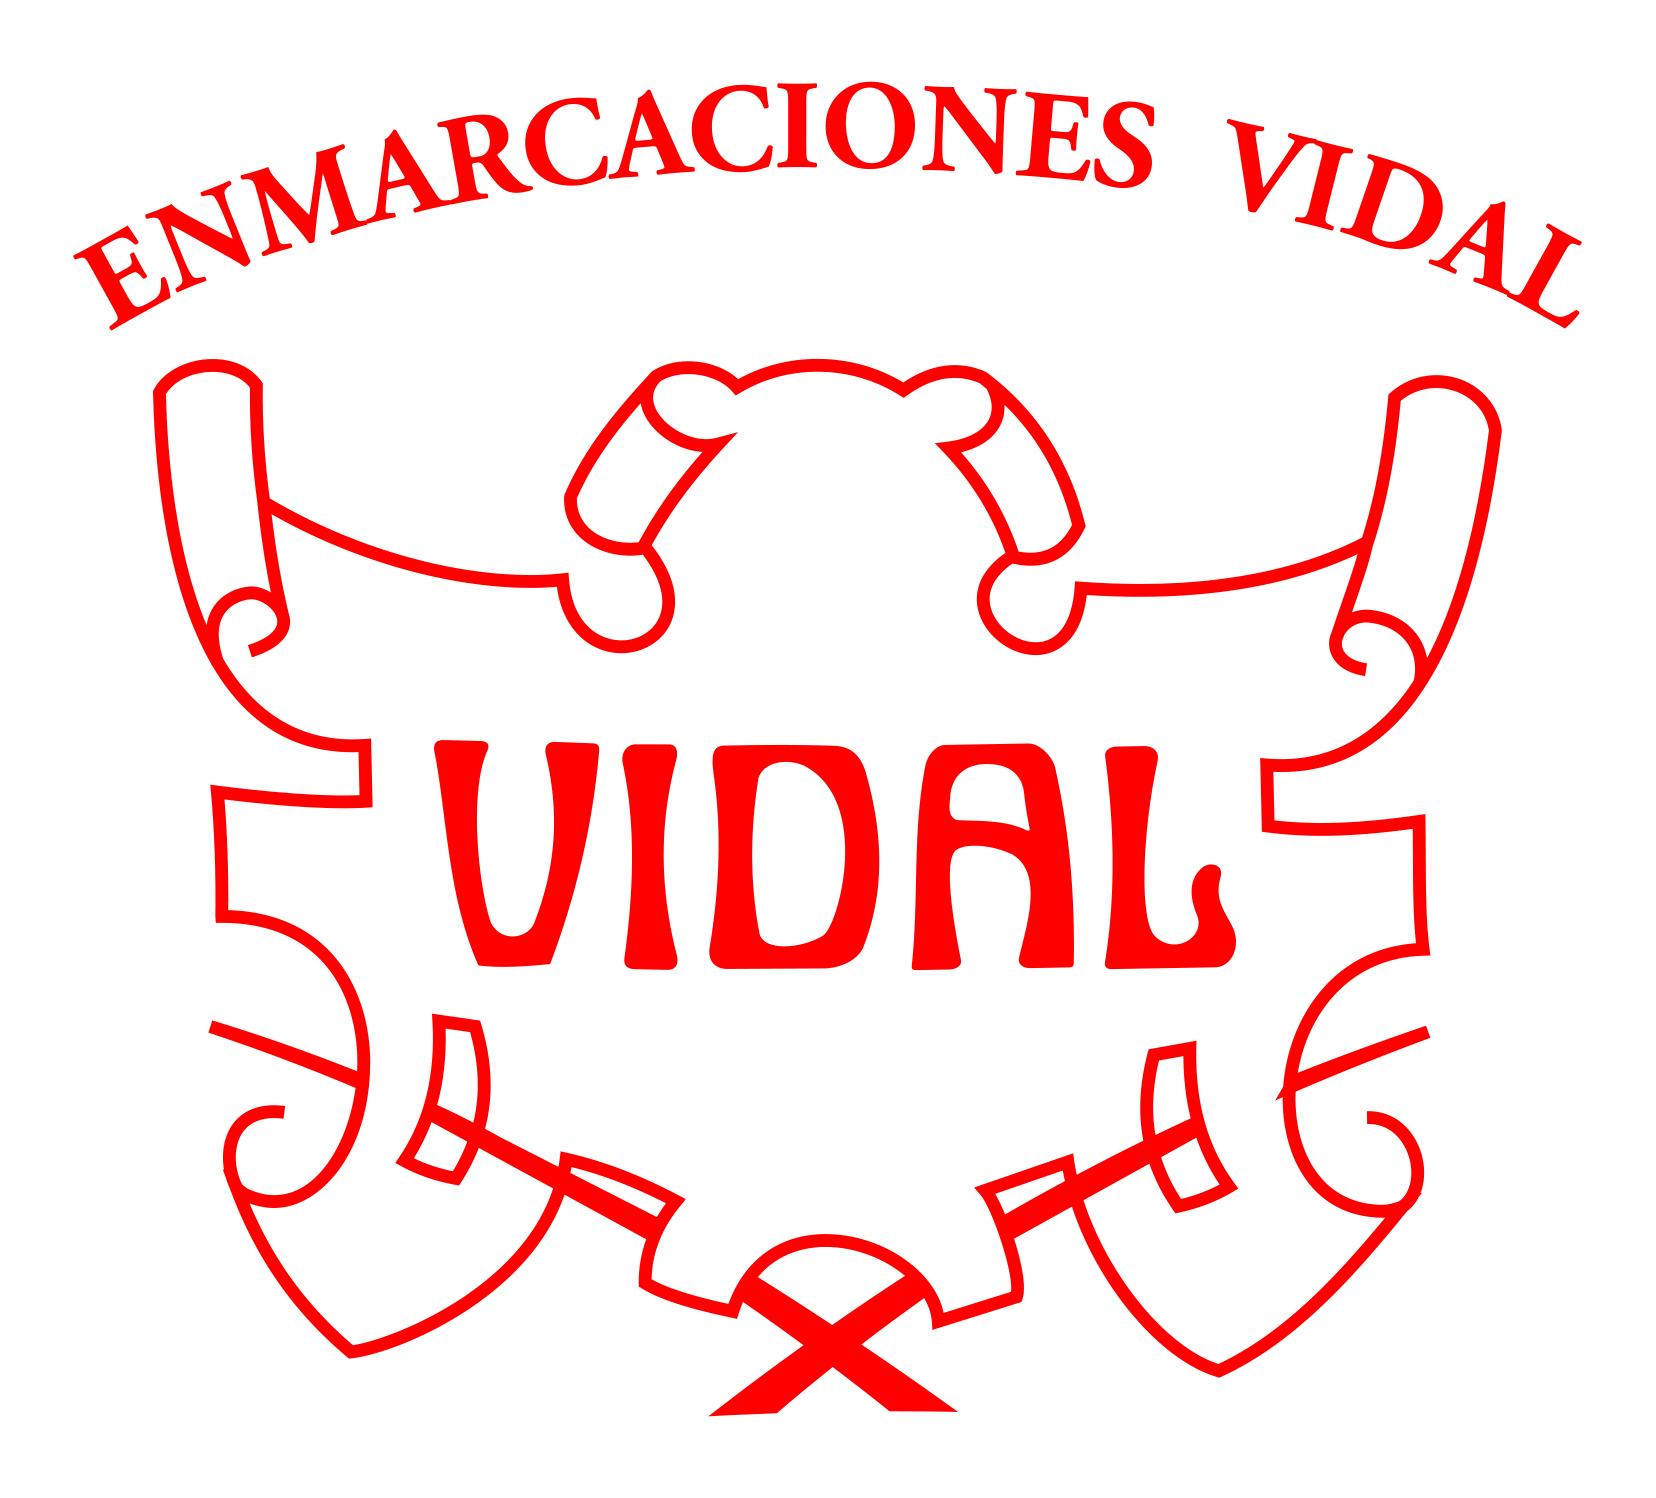 Enmarcaciones Vidal